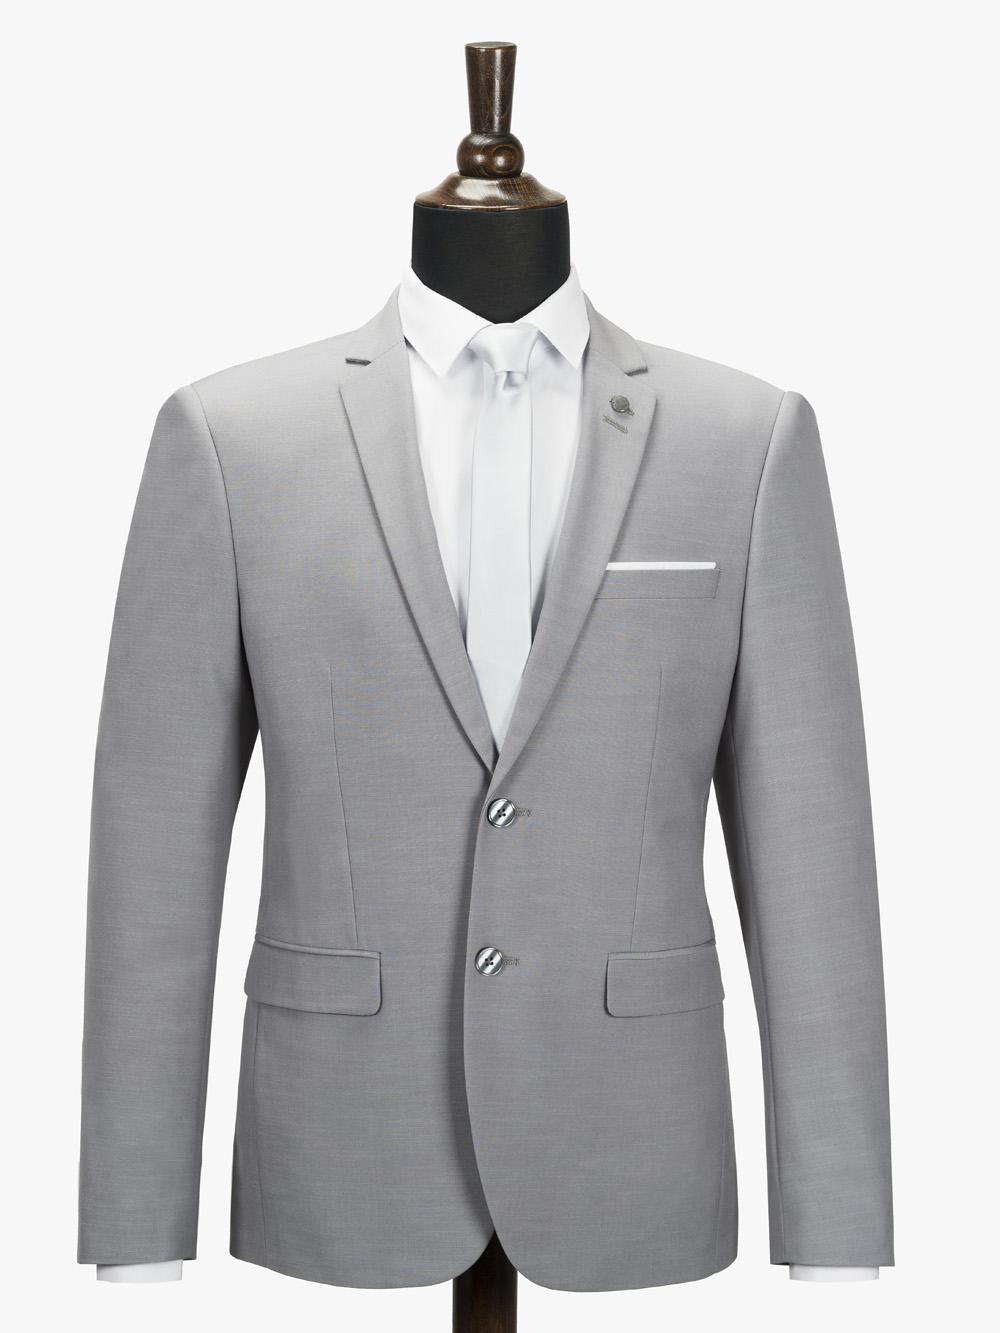 91779 Grey